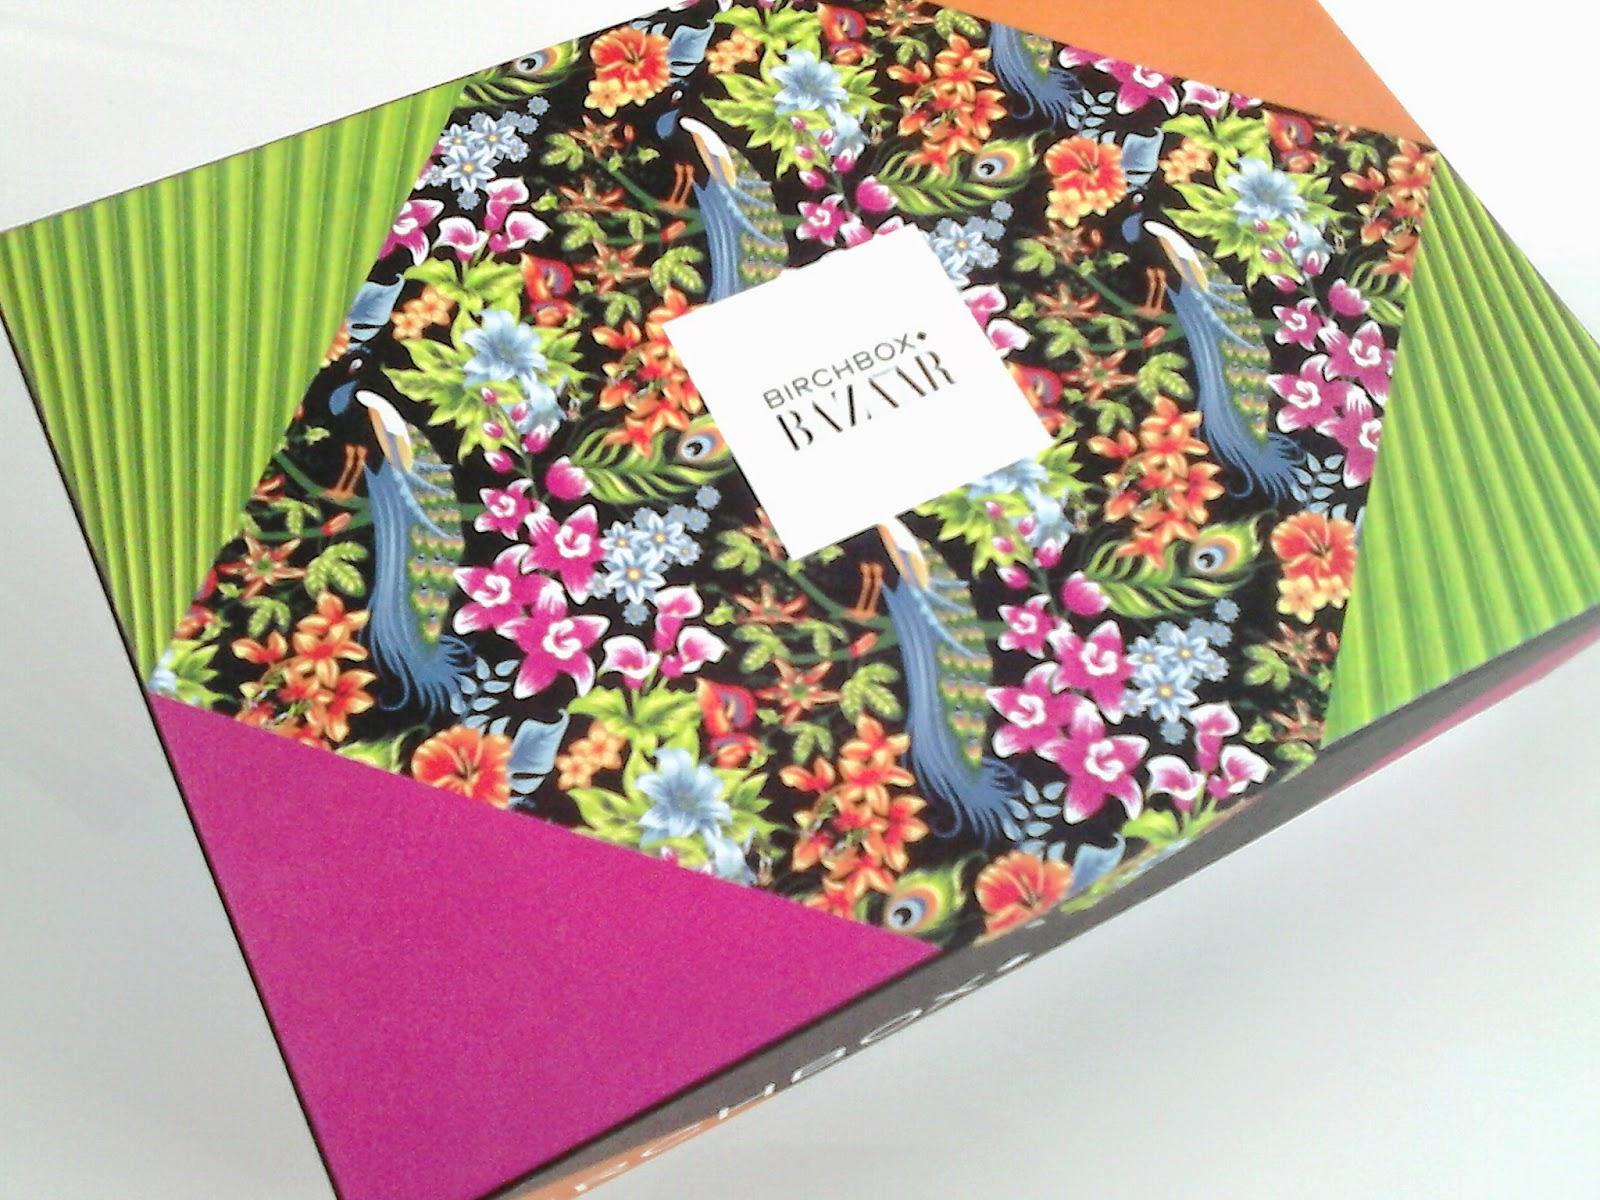 Harper's Bazaar Birchbox May 2014